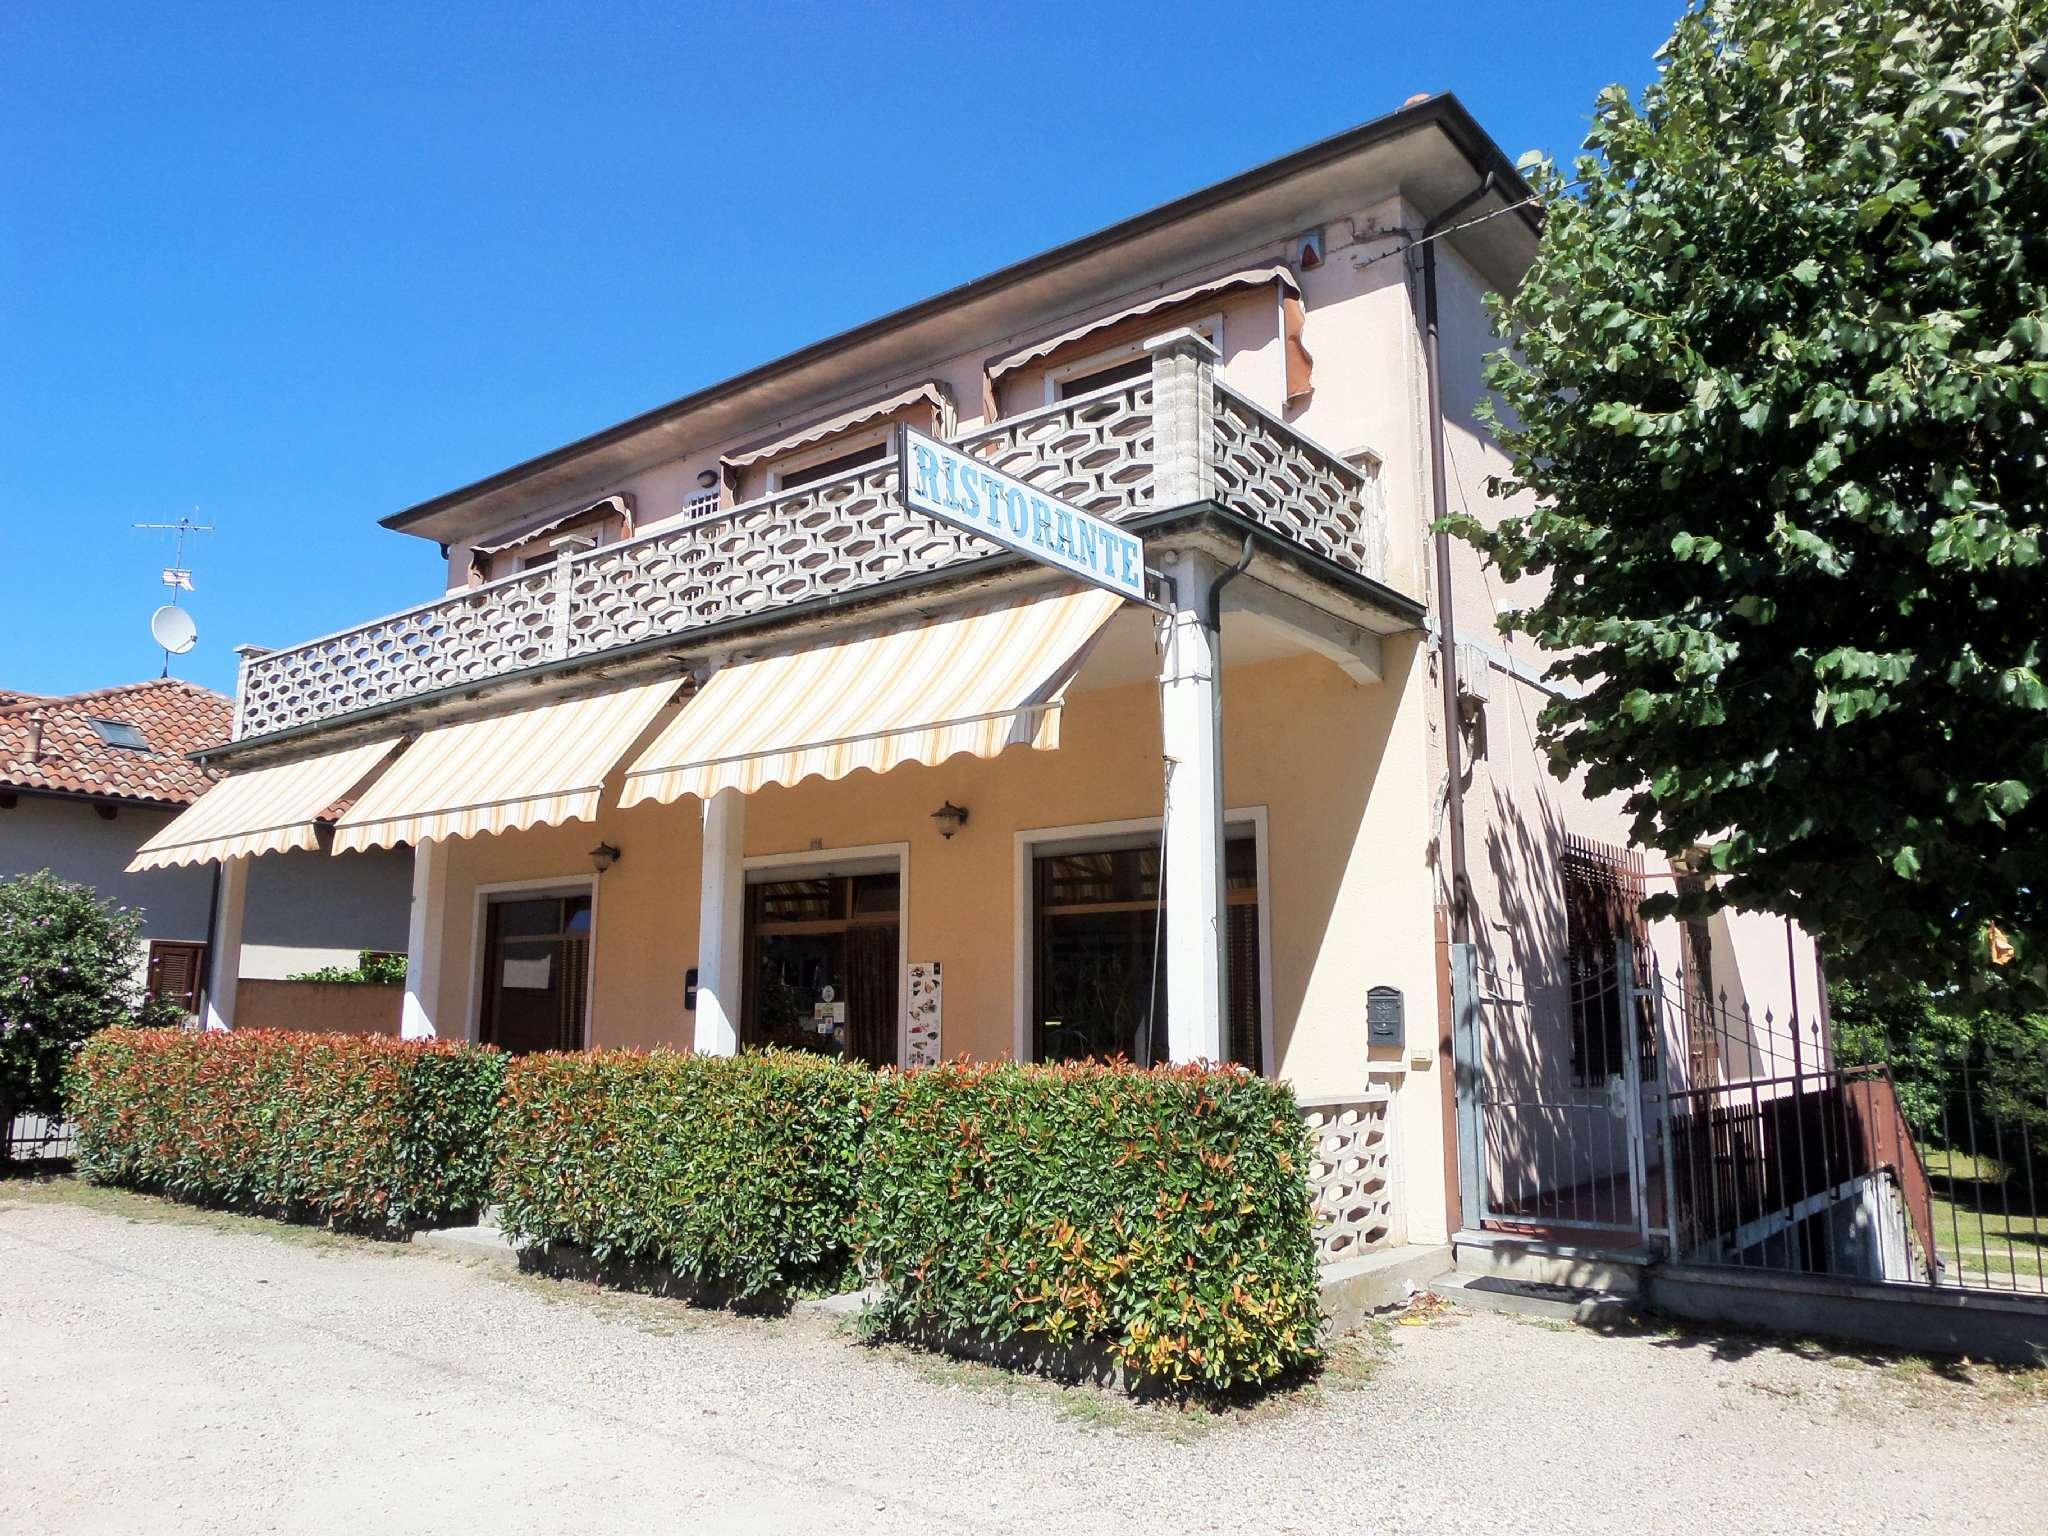 Ristorante / Pizzeria / Trattoria in vendita a Moncalieri, 9999 locali, prezzo € 180.000 | PortaleAgenzieImmobiliari.it